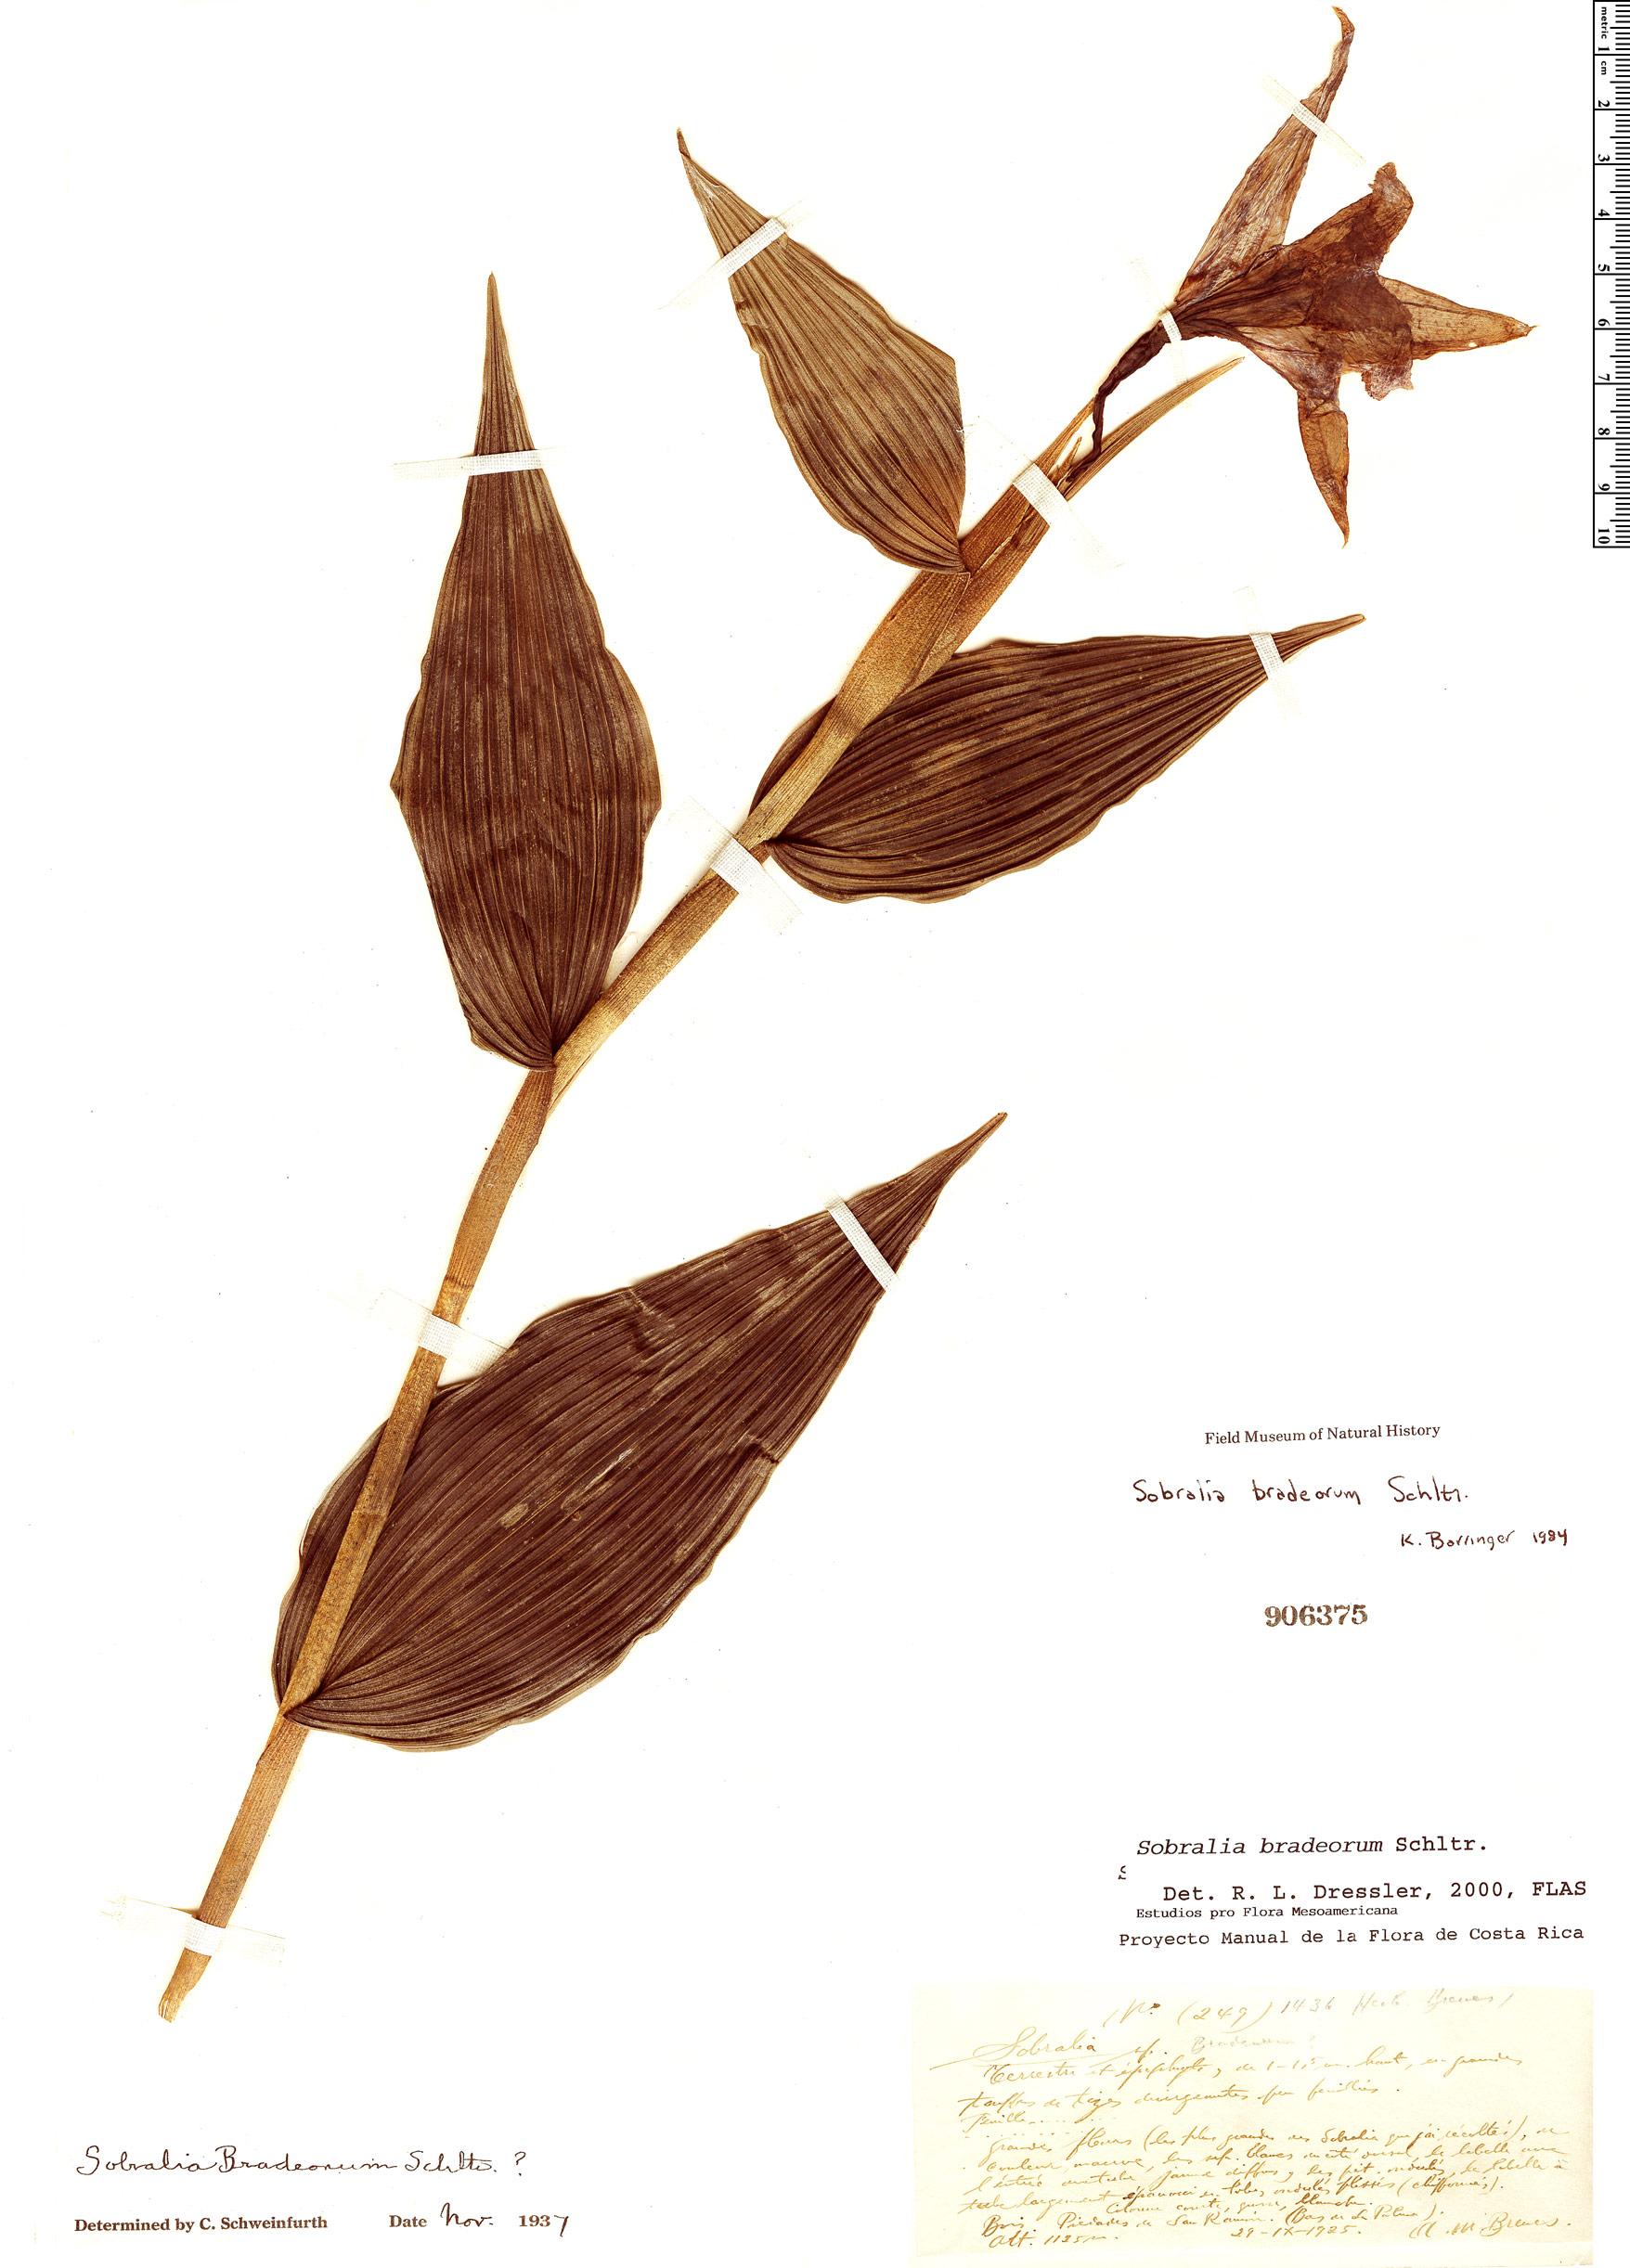 Specimen: Sobralia warszewiczii